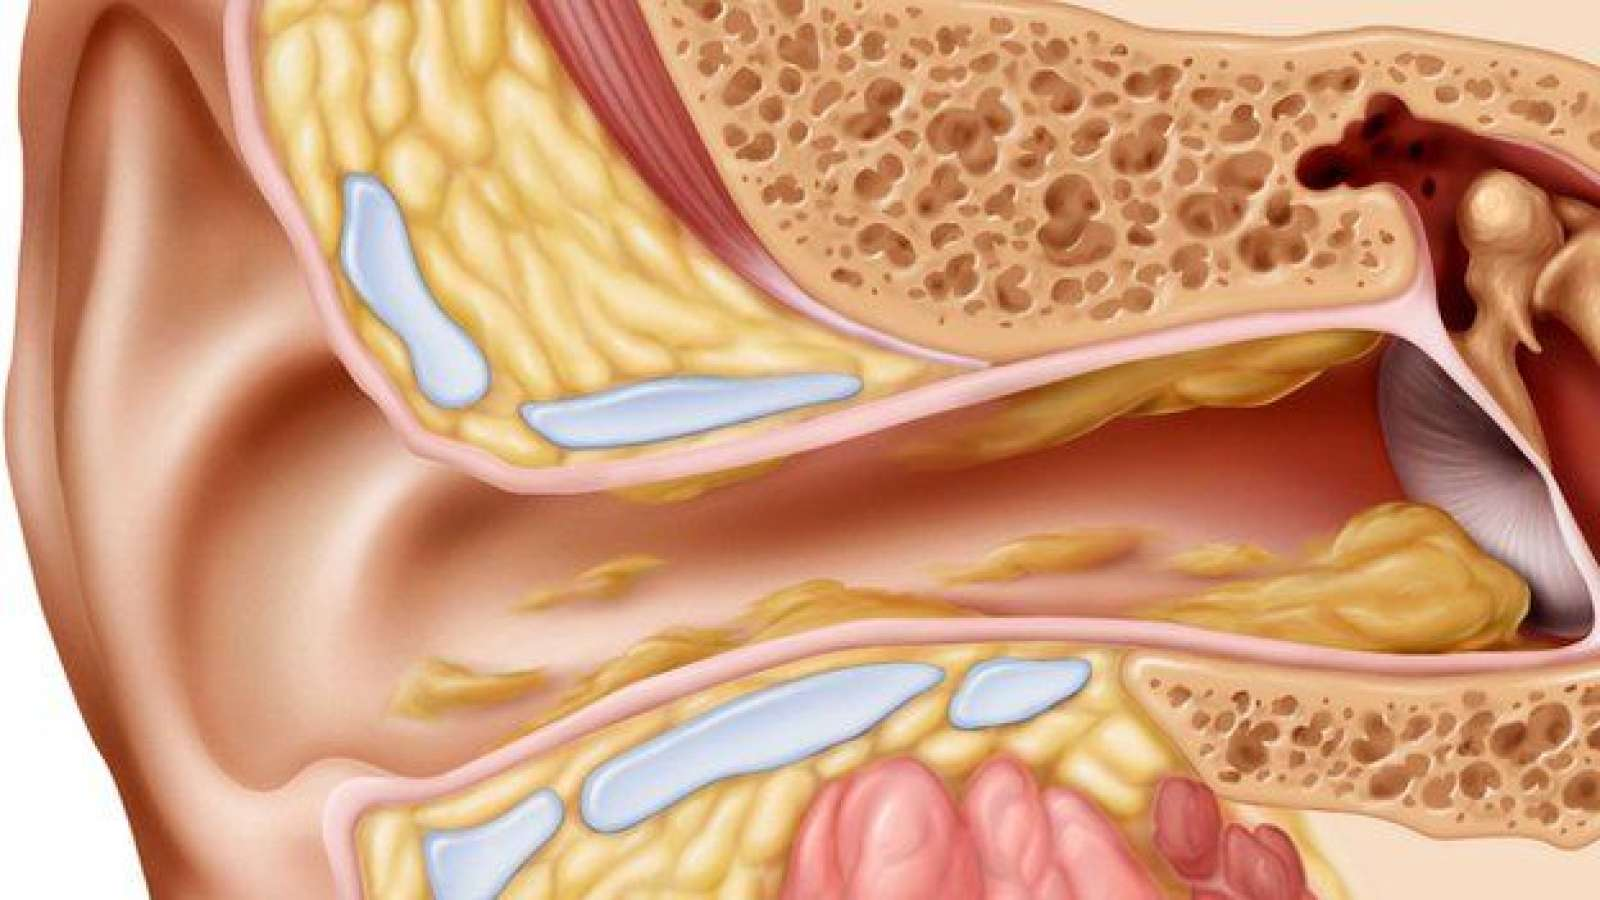 Отит уха – причины, виды, симптомы, диагностика, лечение